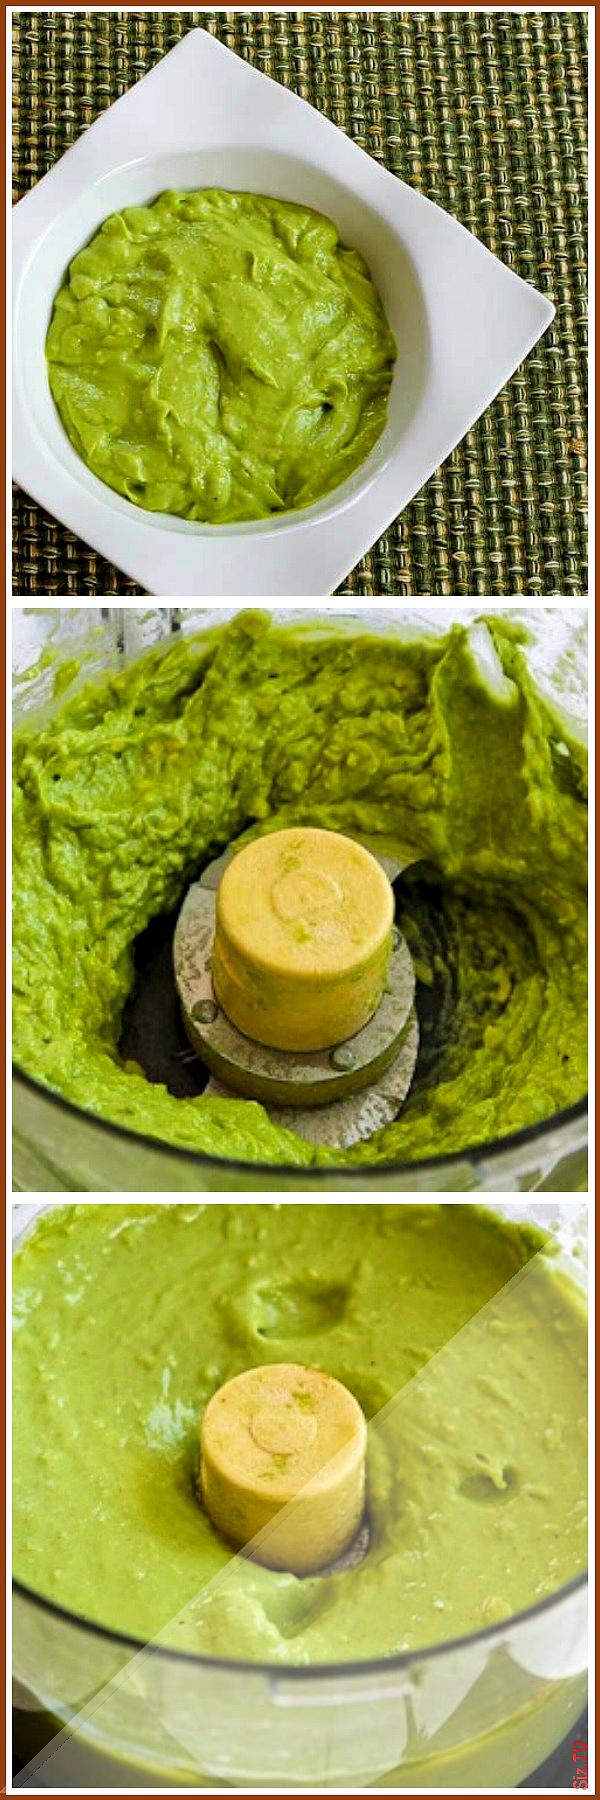 Ultra Easy Avocado Sauce or Dip And Ten Suggestions for Using It Ultra Easy Avocado Sauce or Dip An